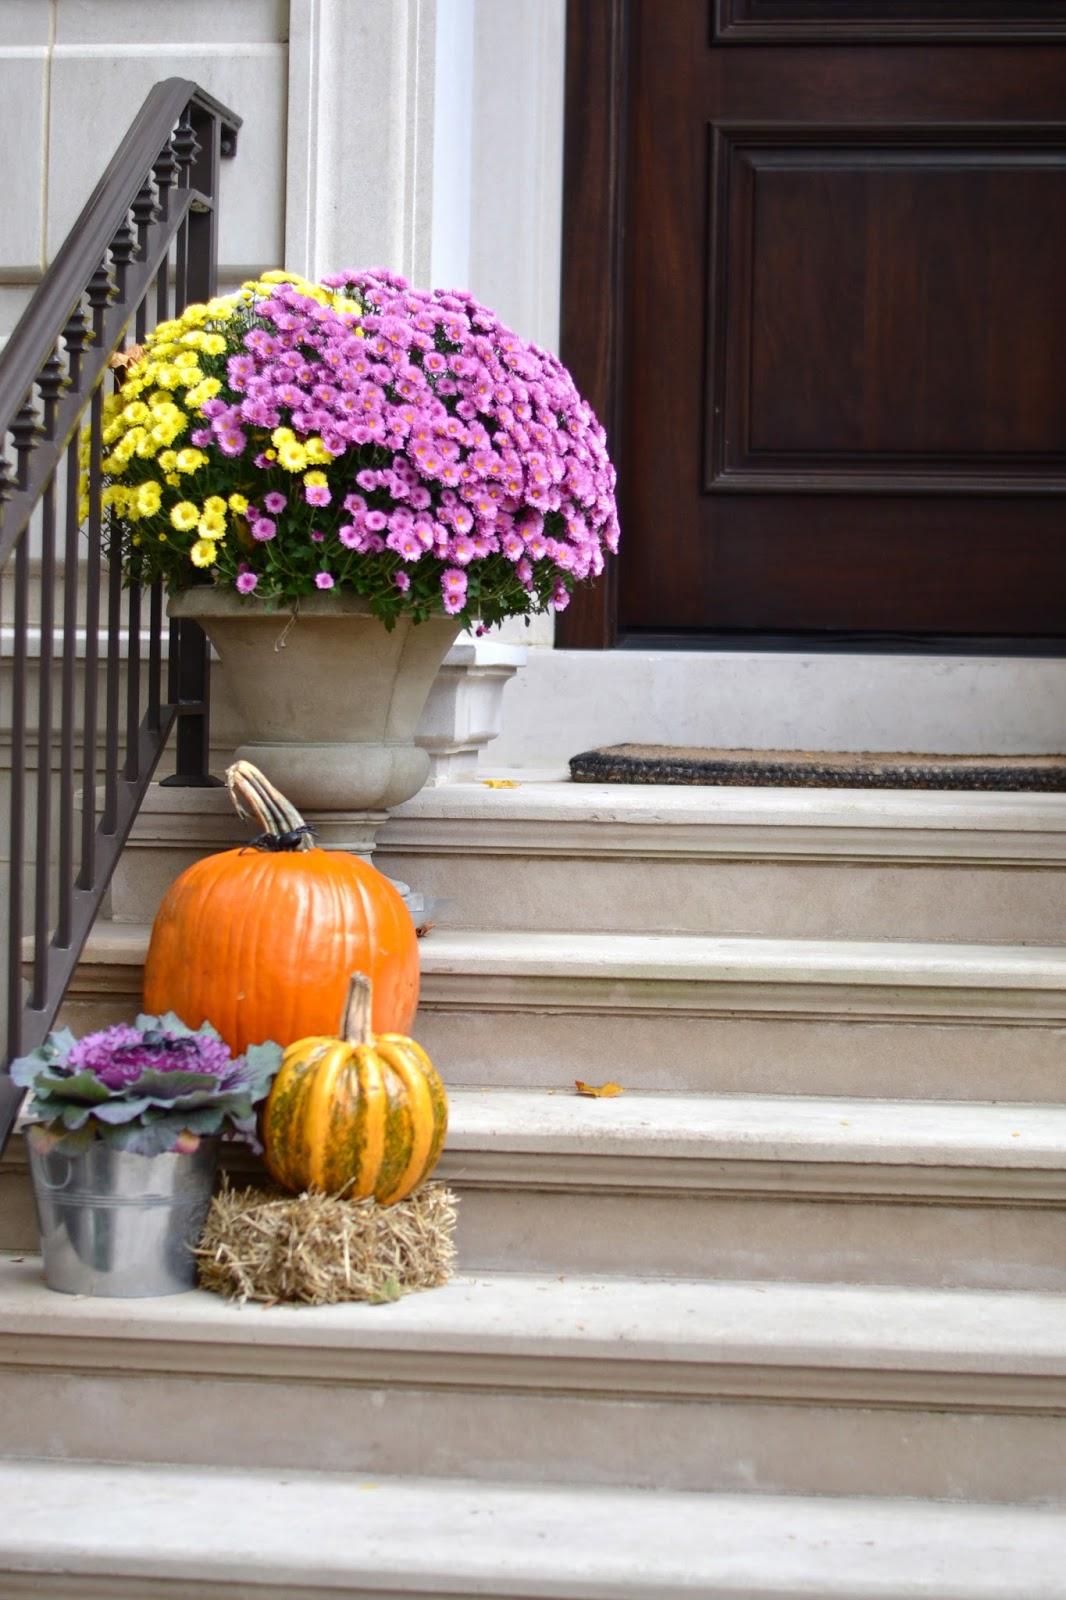 pumpkins-on-stoop